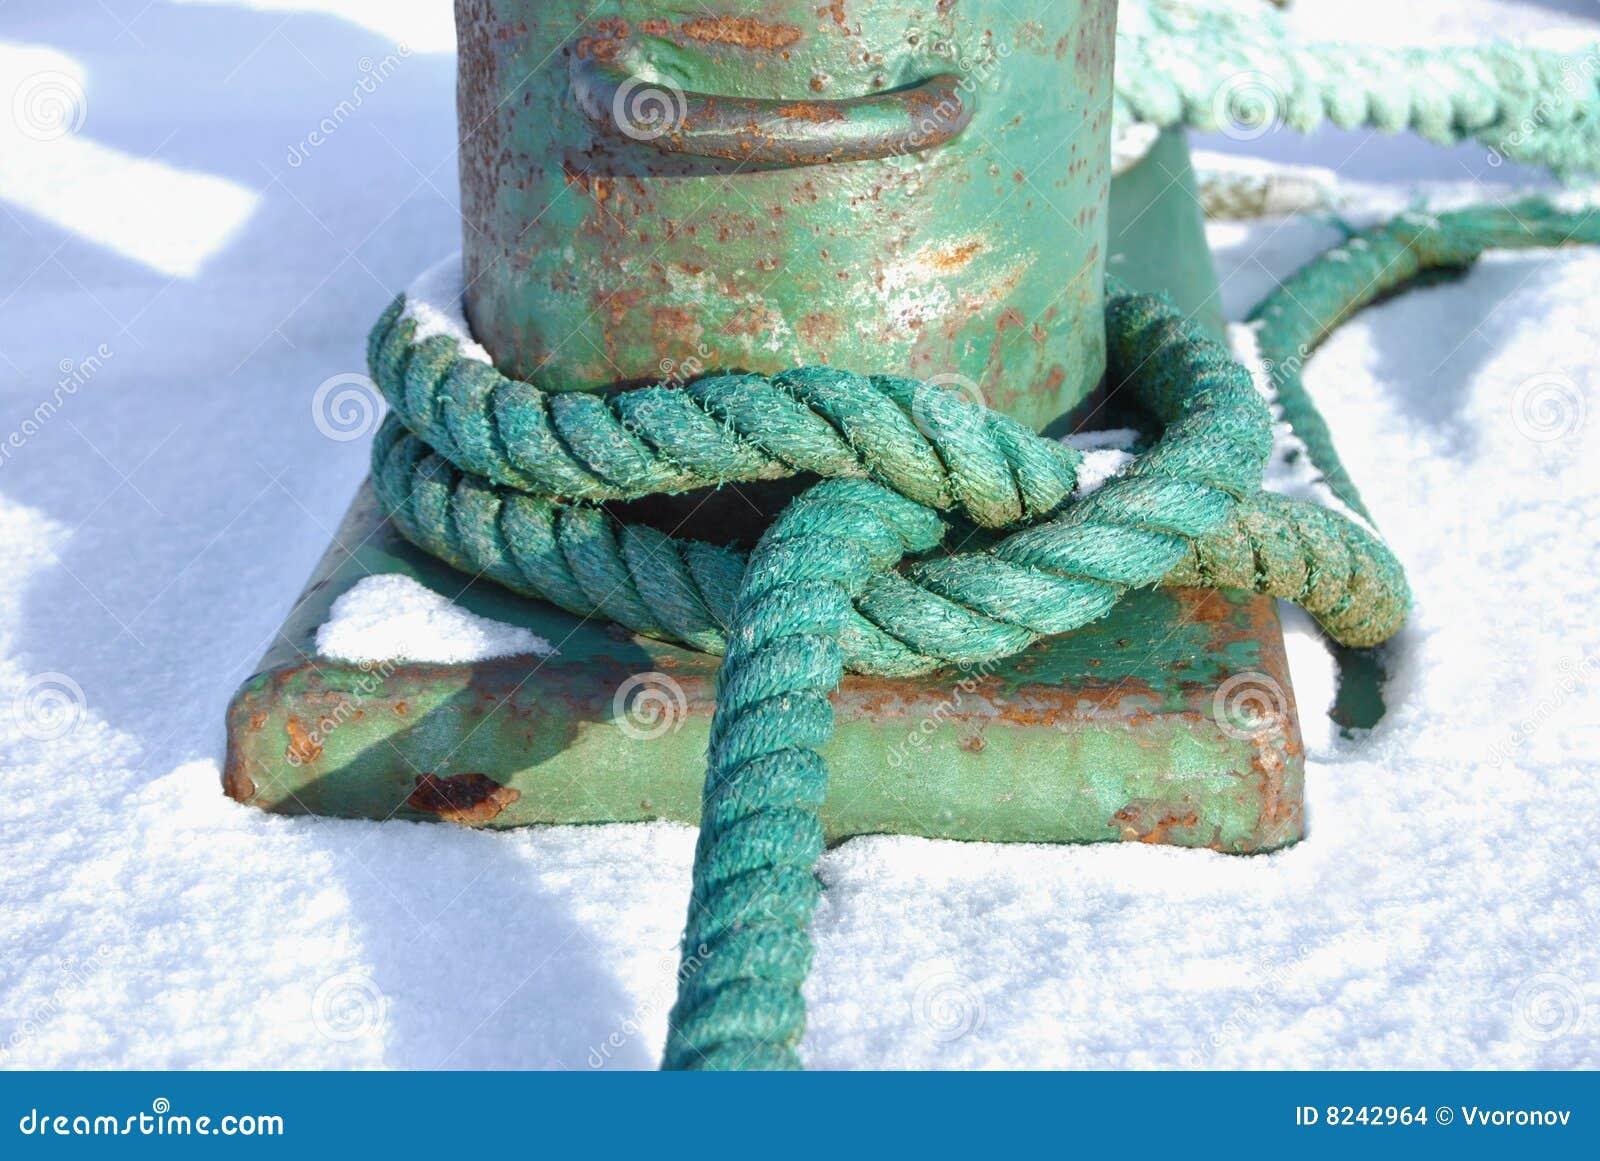 Grünes Seil geknotet um einen Schiffspoller